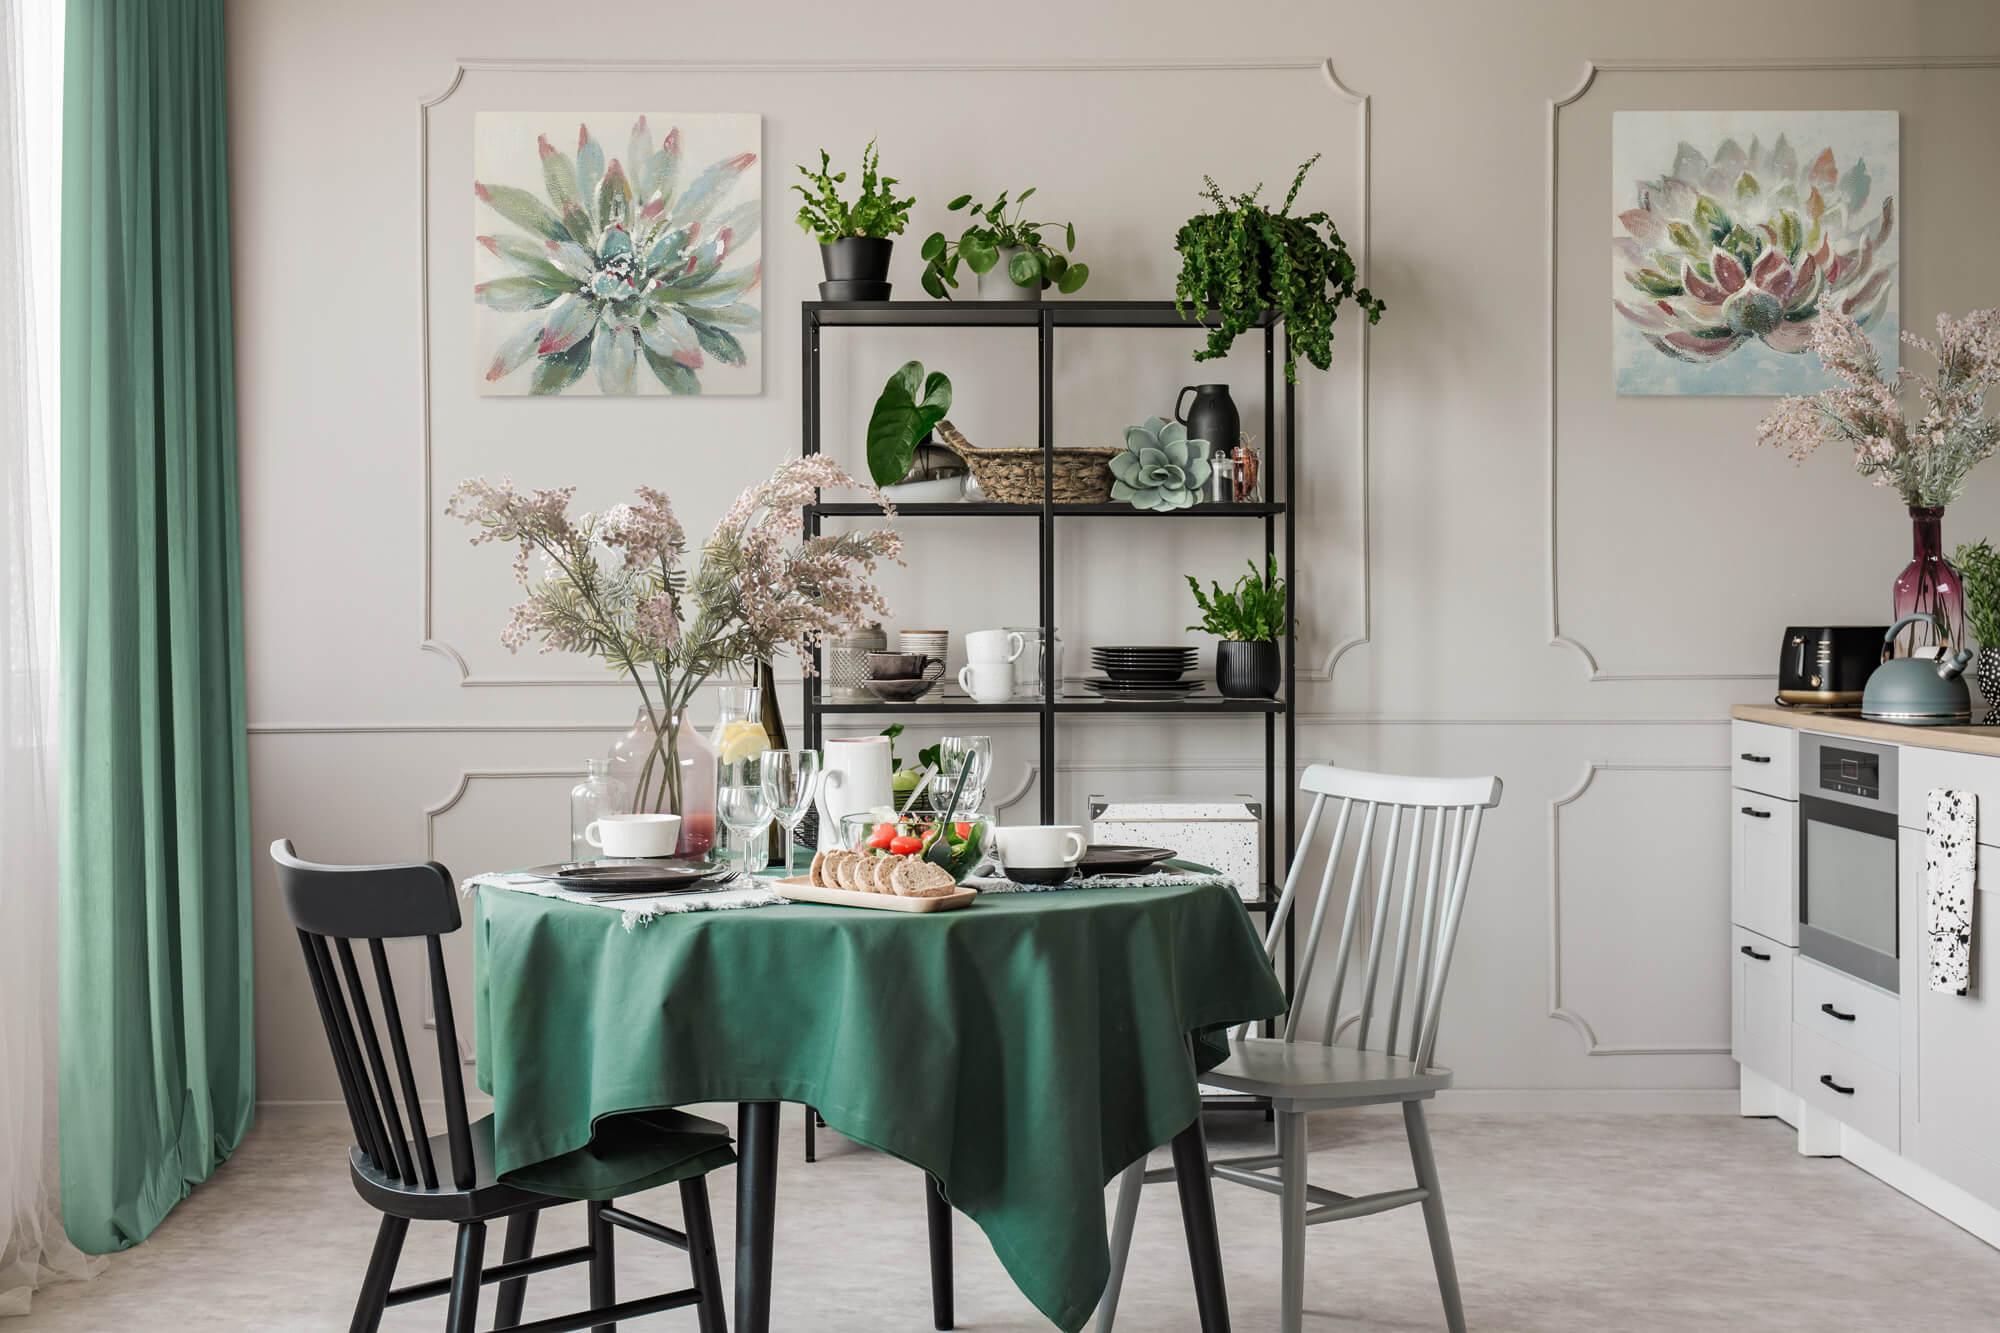 obrazki na ścianę do kuchni eurofirany.com.pl